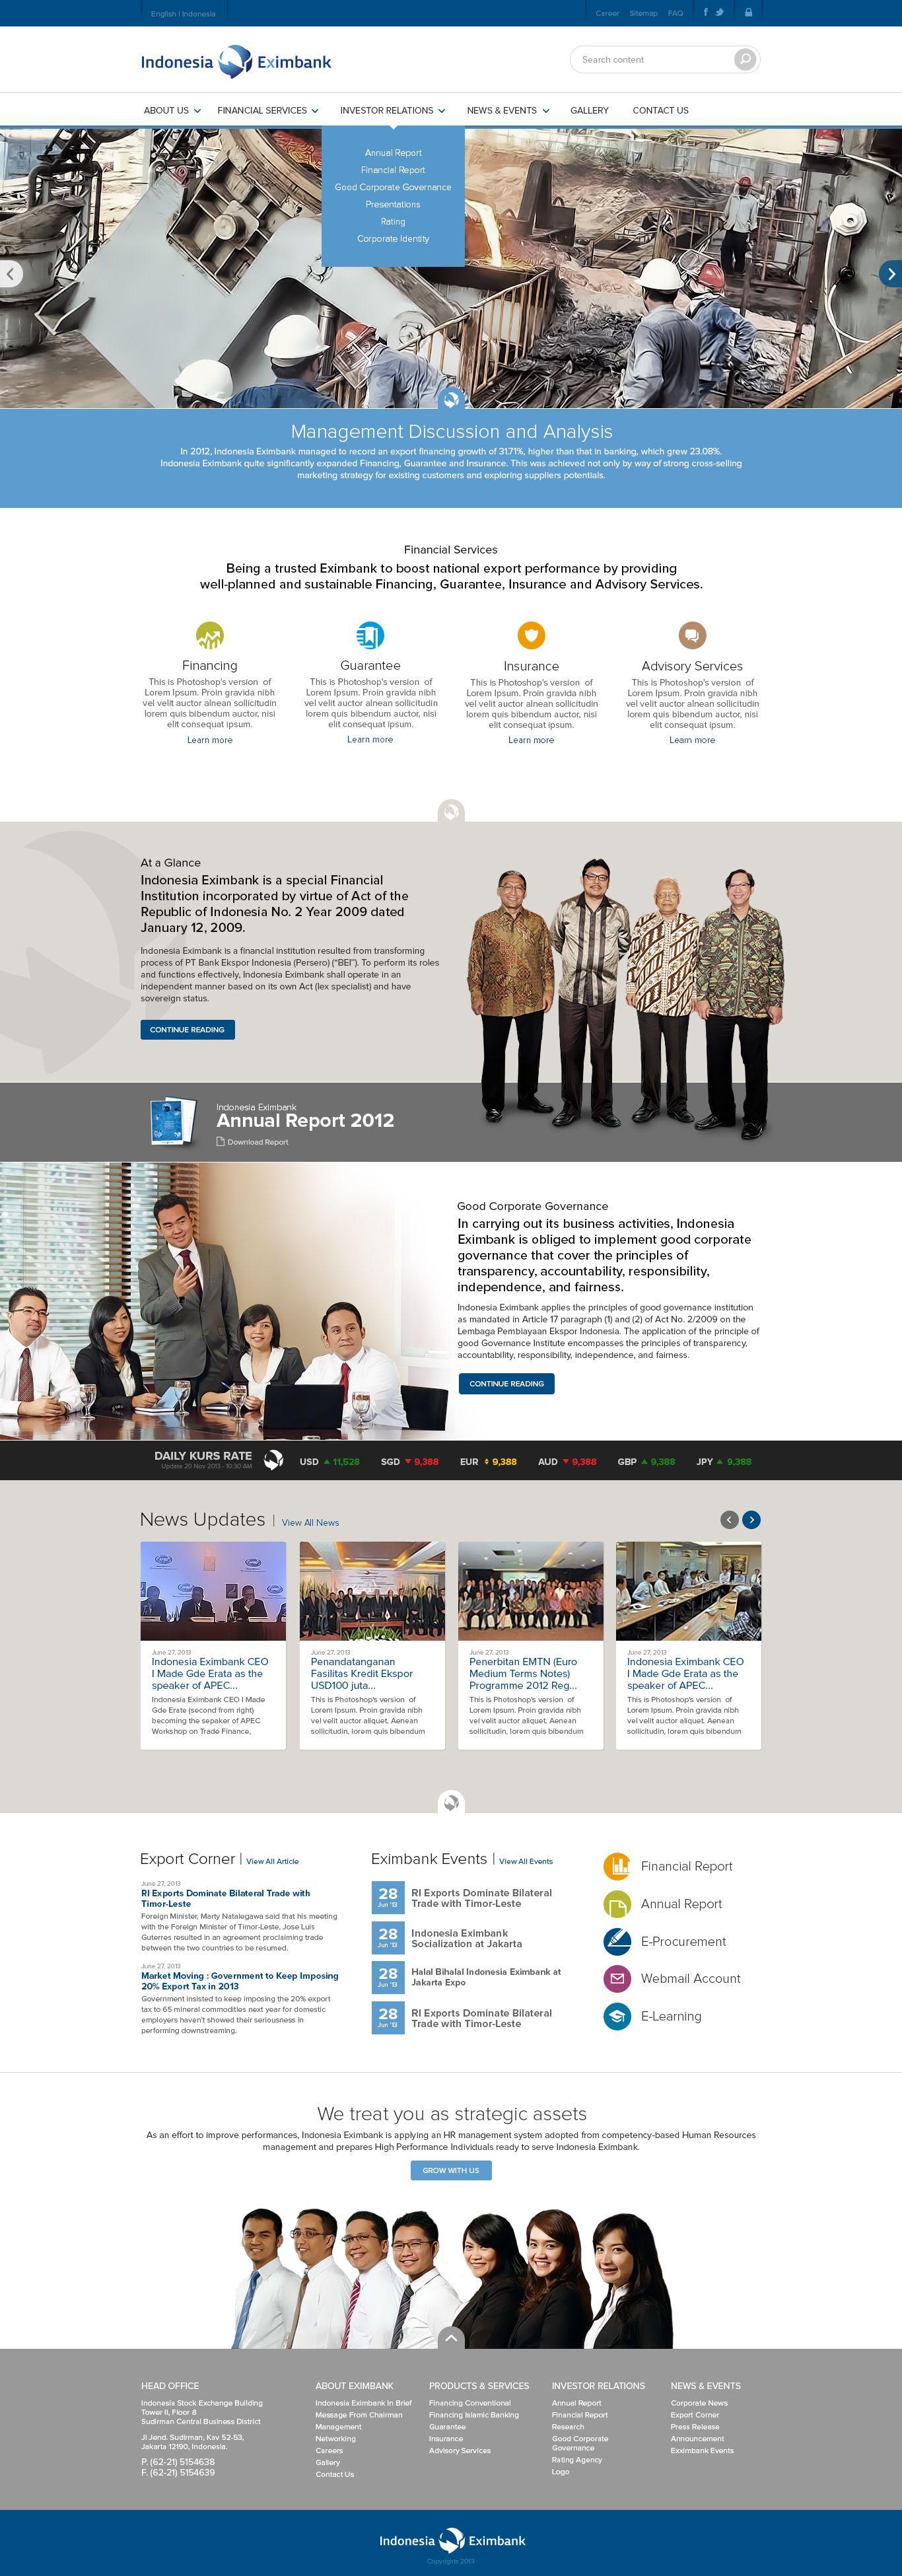 Indonesia Eximbank byWEBARQ Indonesia